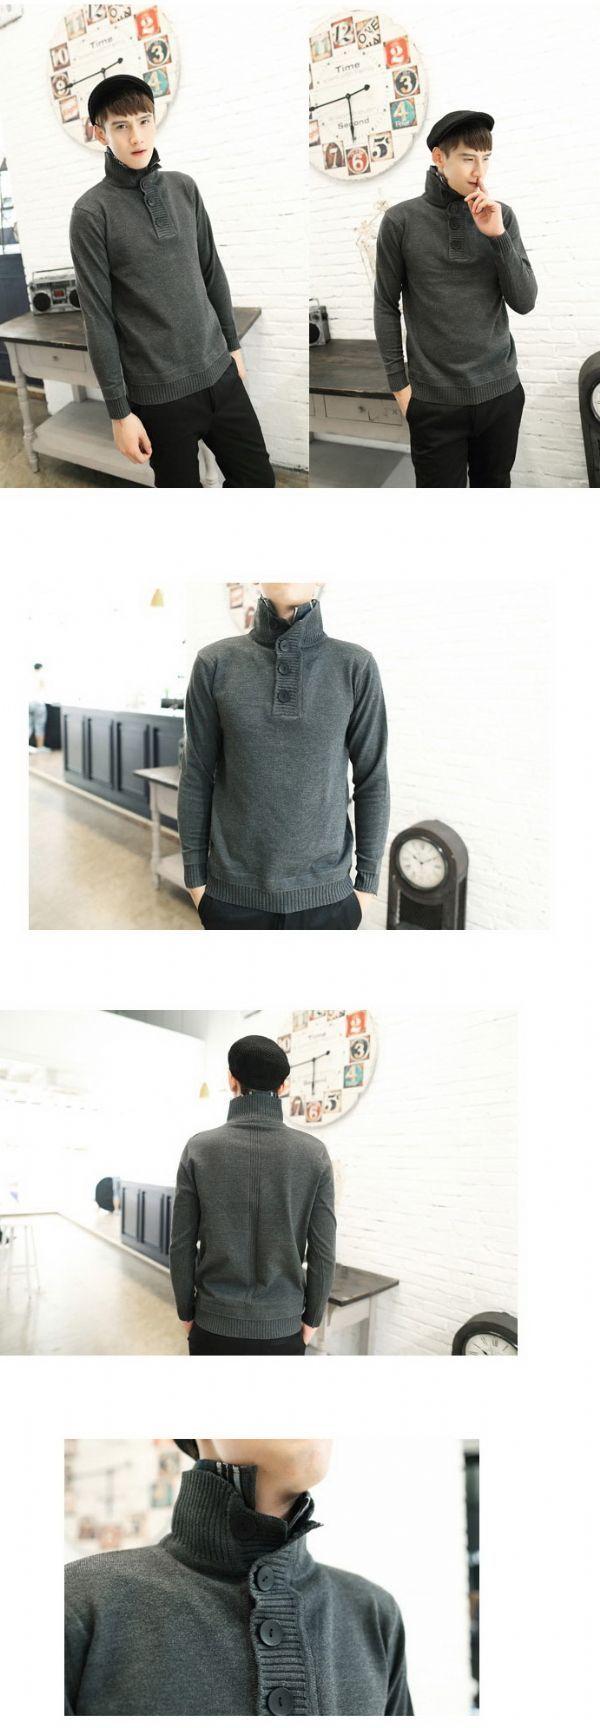 เสื้อกันหนาวผู้ชายพร้อมส่ง : สเวเตอร์ปก 2 ชั้นด้านในลายสก็อต